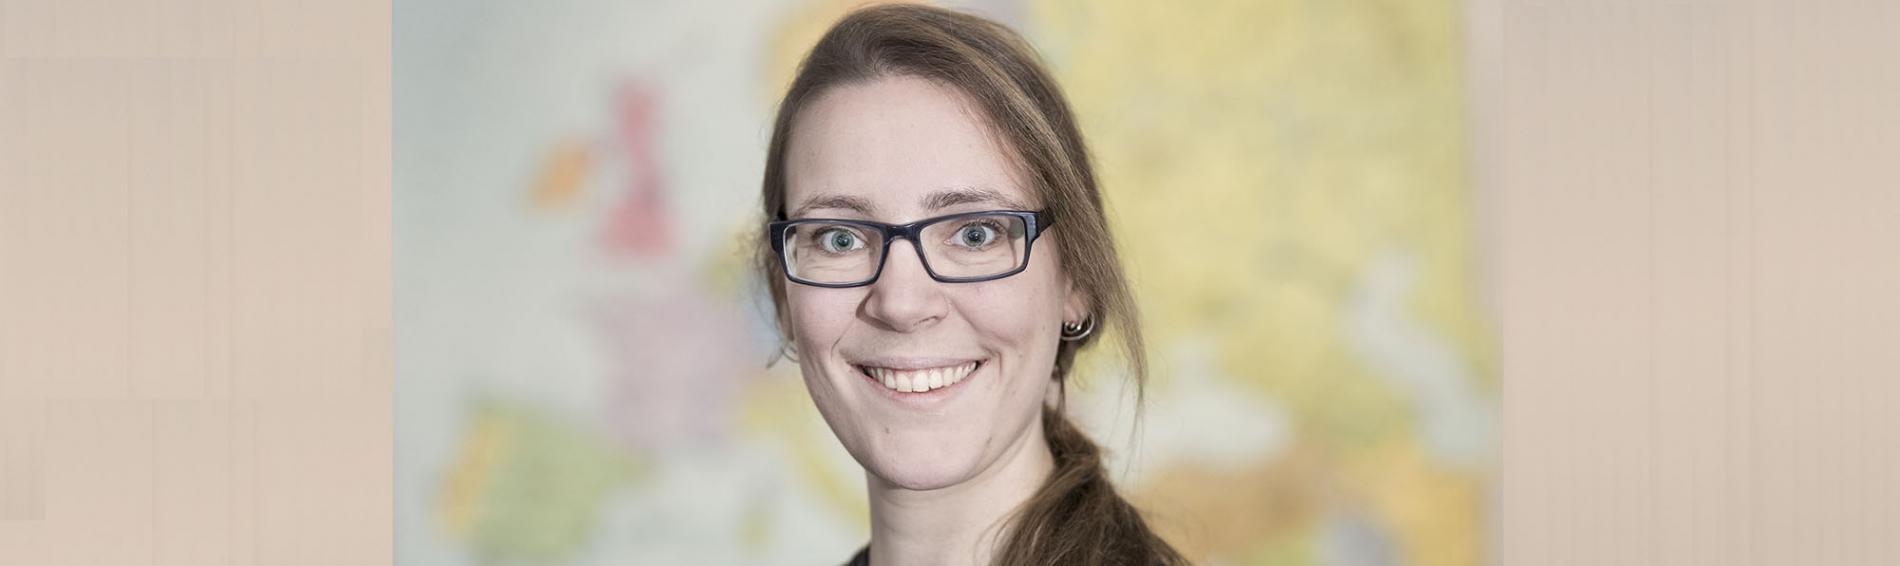 Projektleiterin Marianne Schaaf. Foto: Bente Stachowske